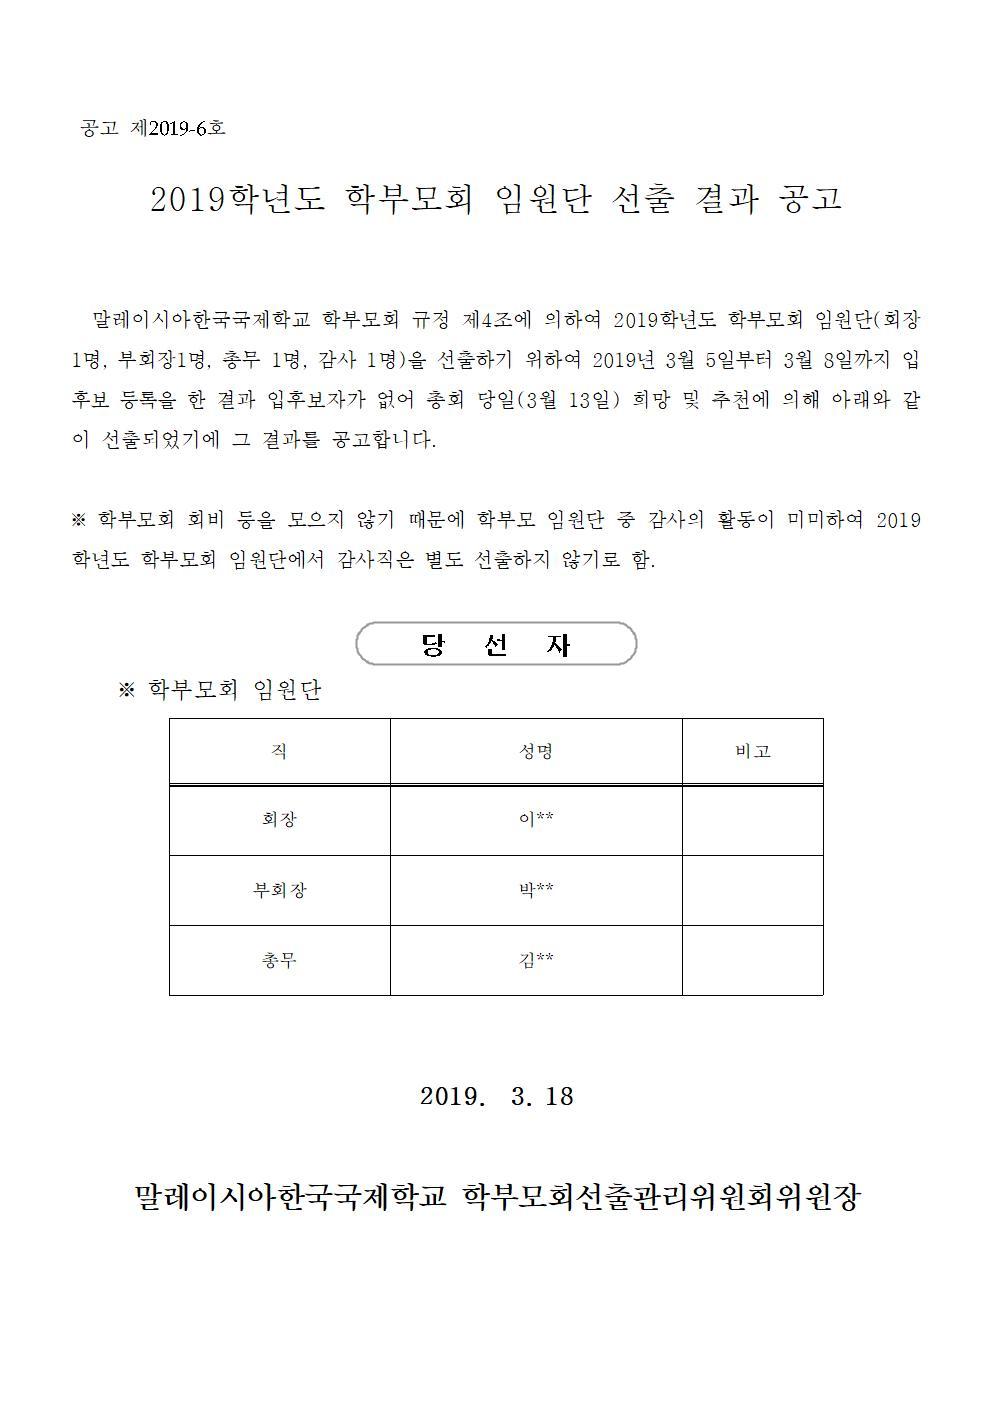 (2019.3.15)2019.학부모회 임원단선출결과 공고_홈페이지용001.jpg